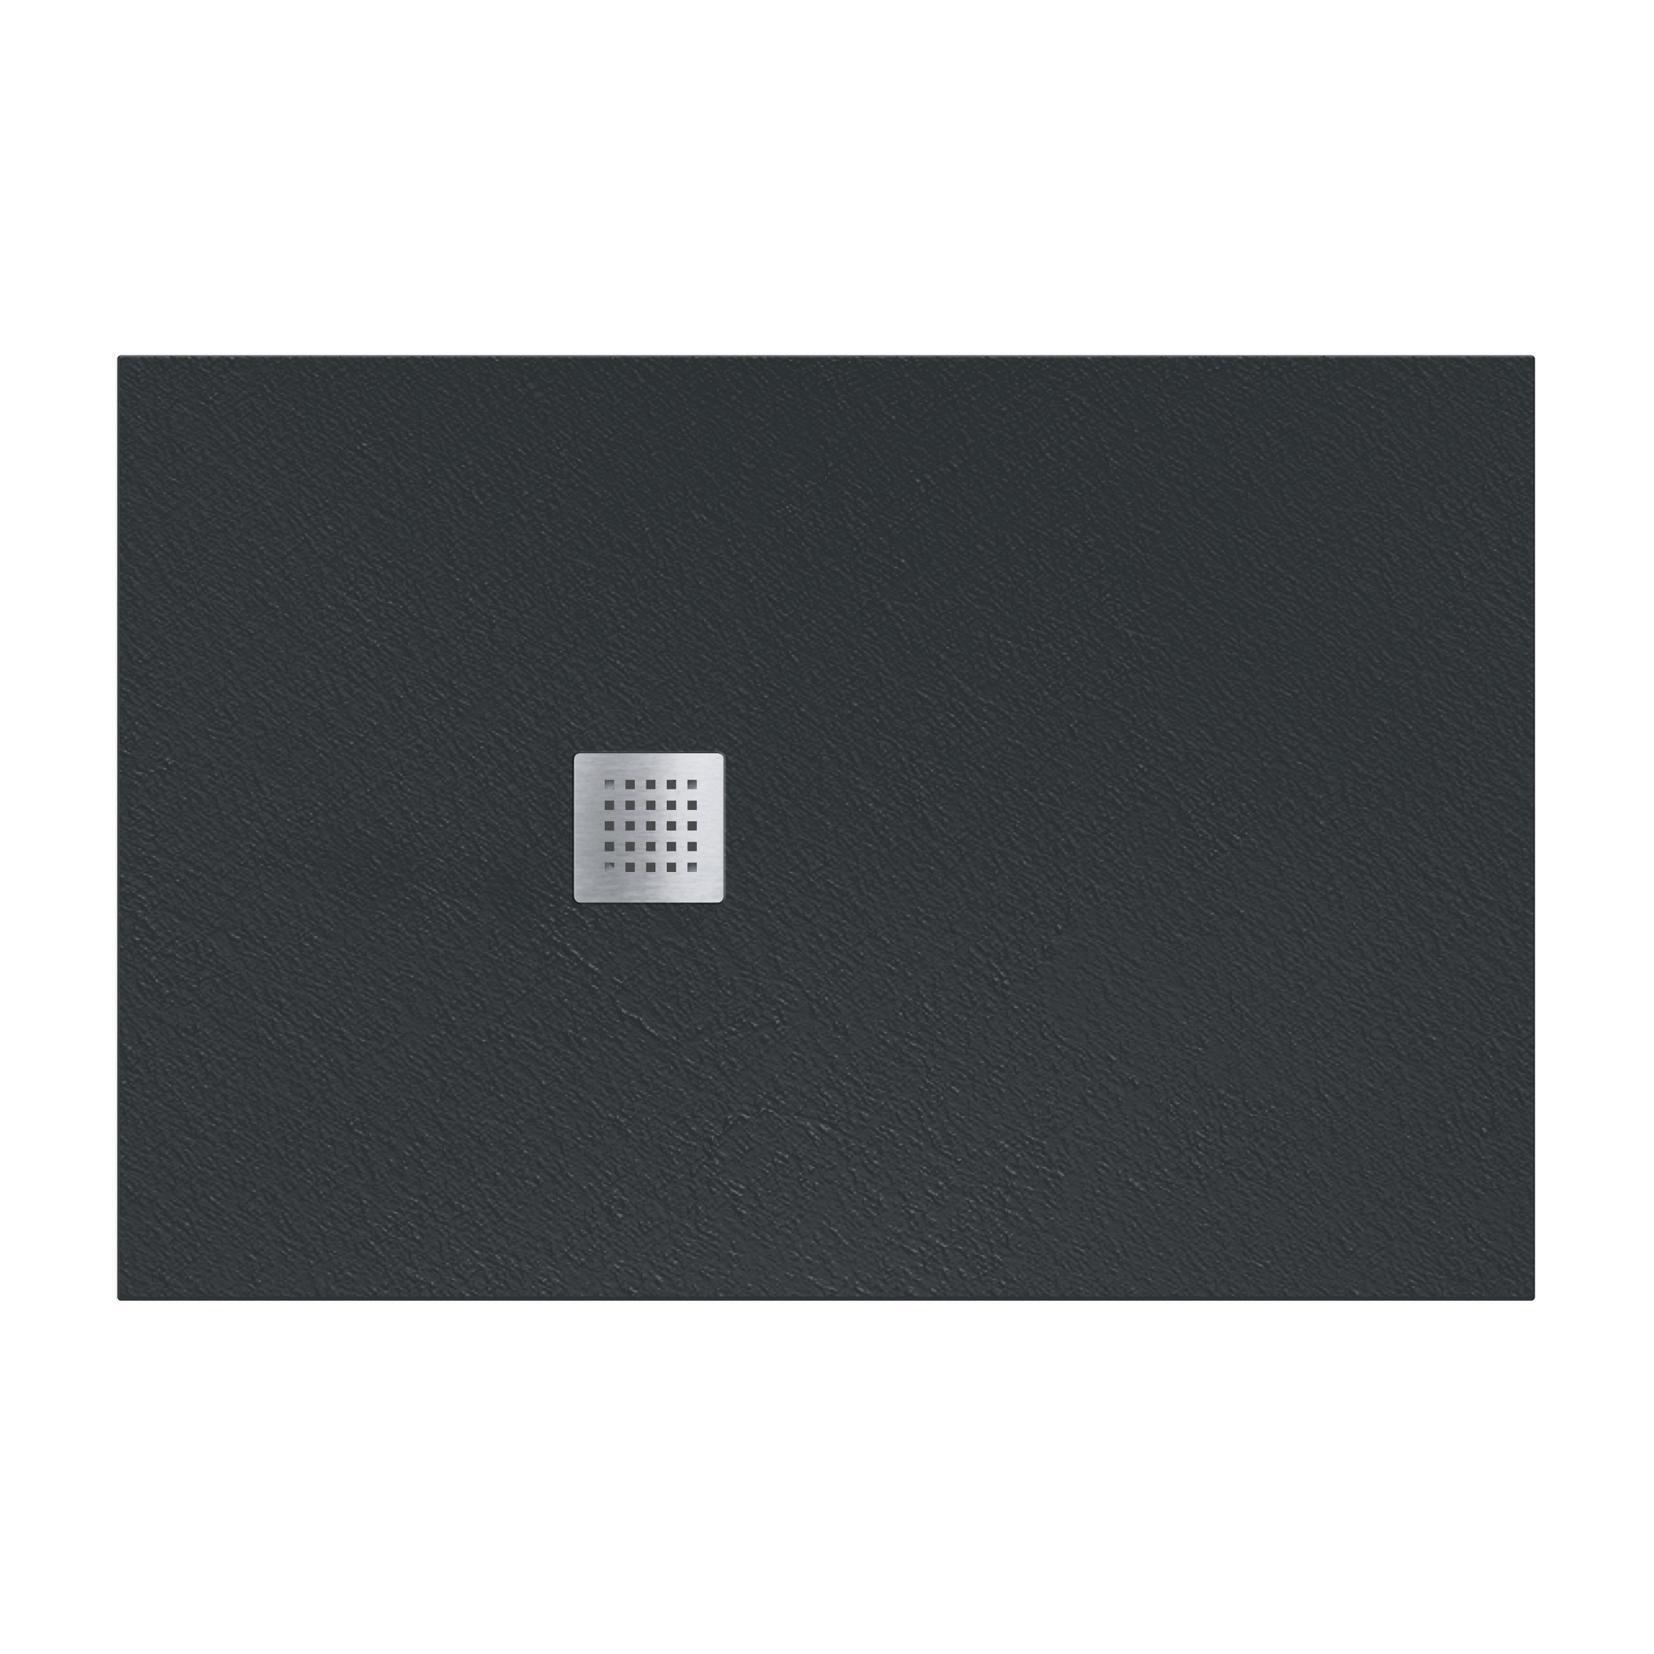 Piatto doccia resina Strato 180 x 100 cm nero